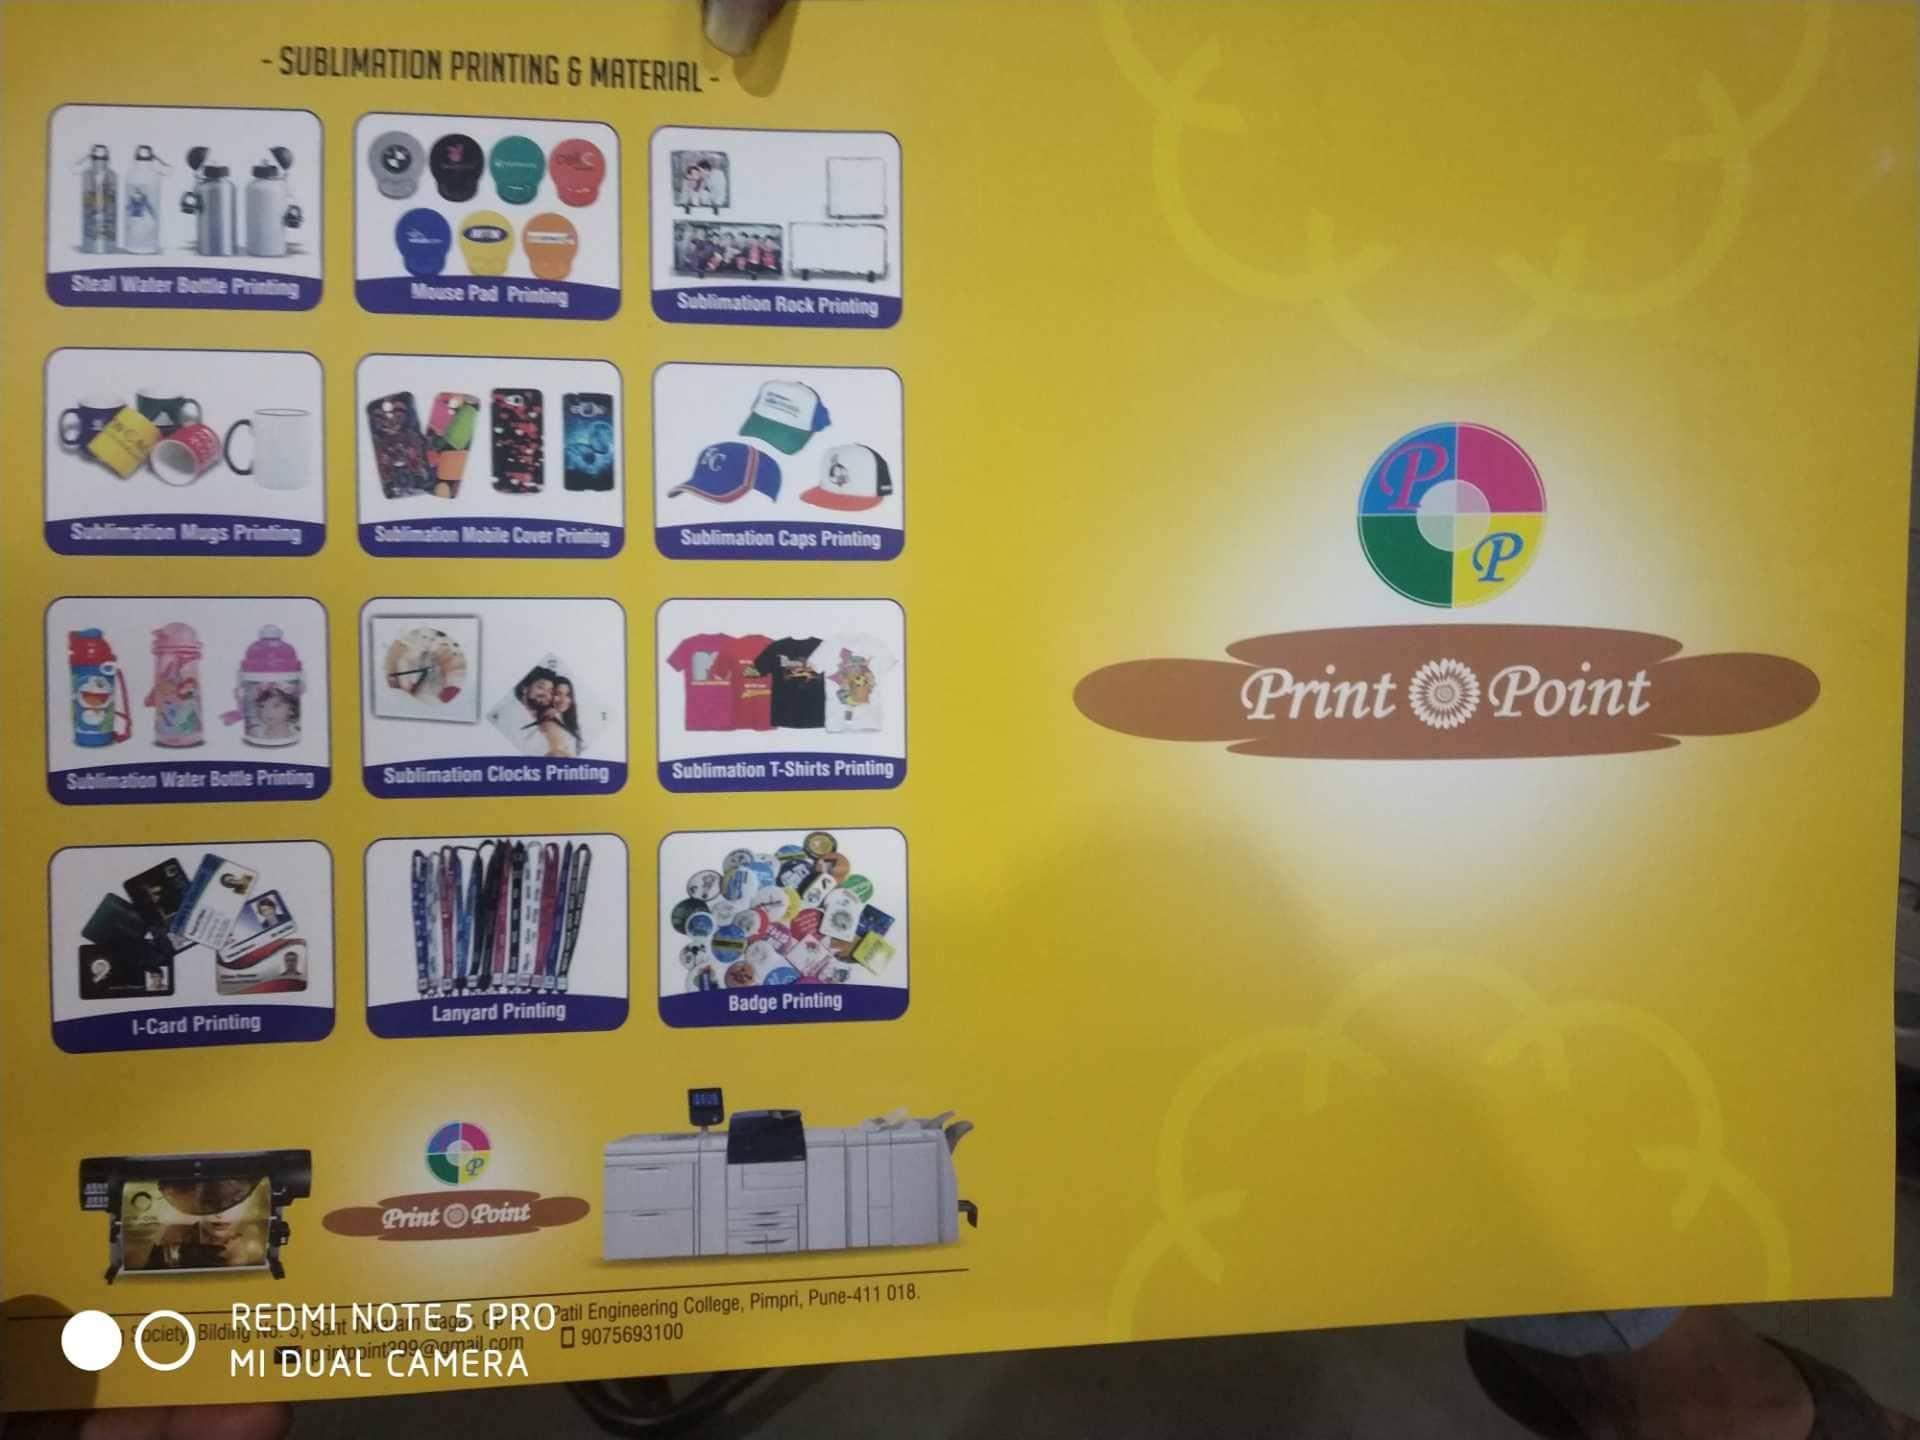 Top 100 ID Card Printers in Pimple Gurav, Pune - Best ID